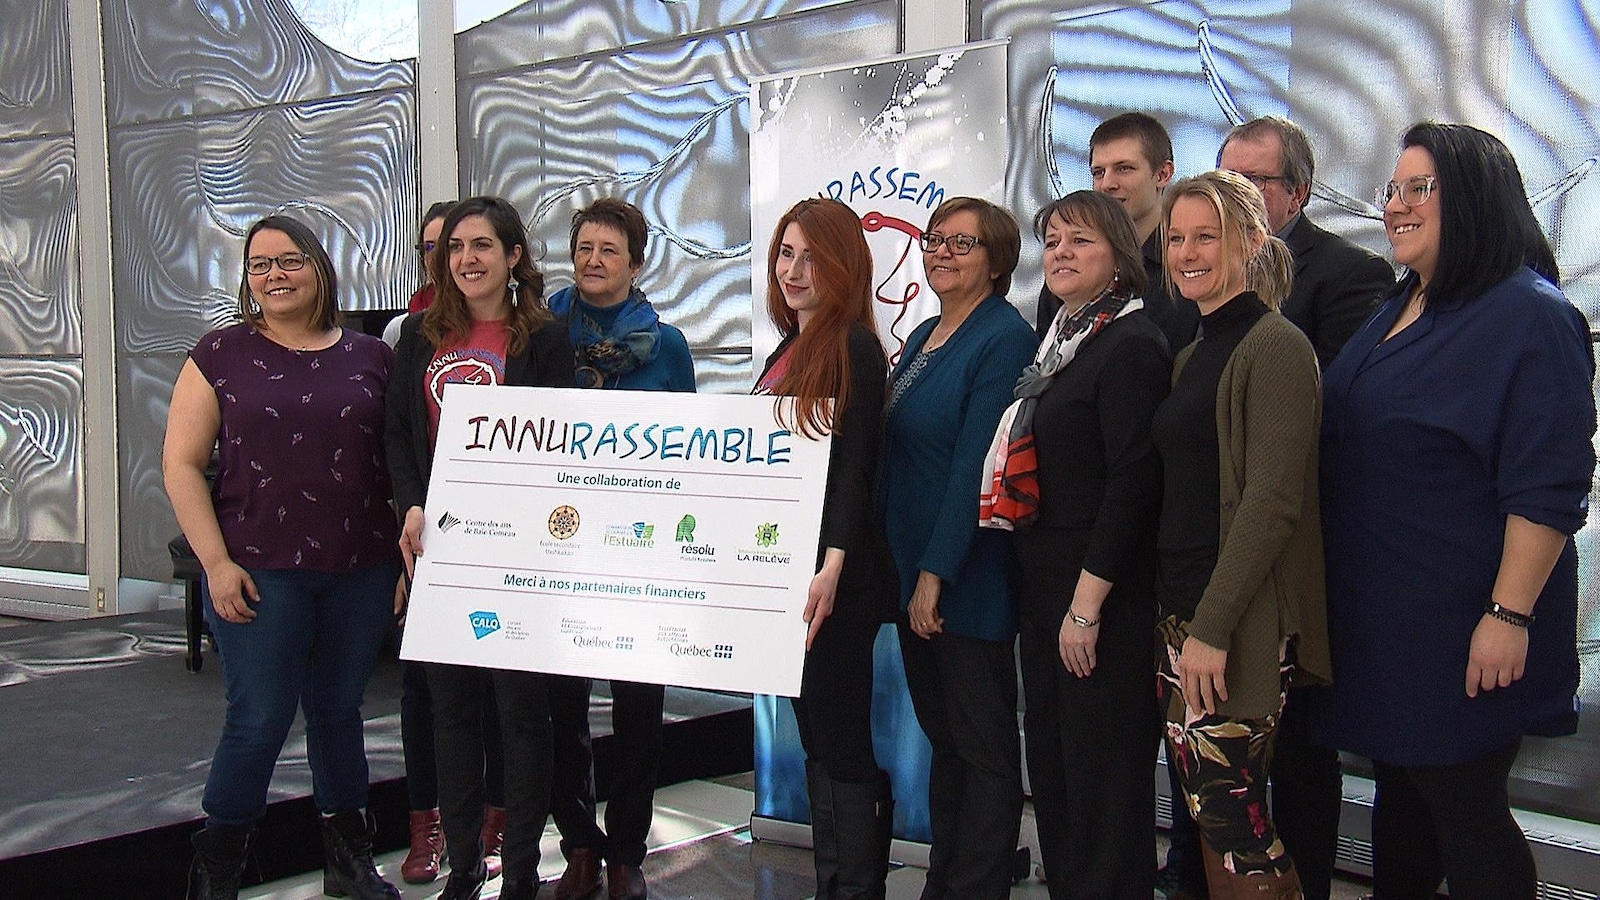 Plusieurs personnes sourient à la caméra avec une affiche d'InnuRassemble